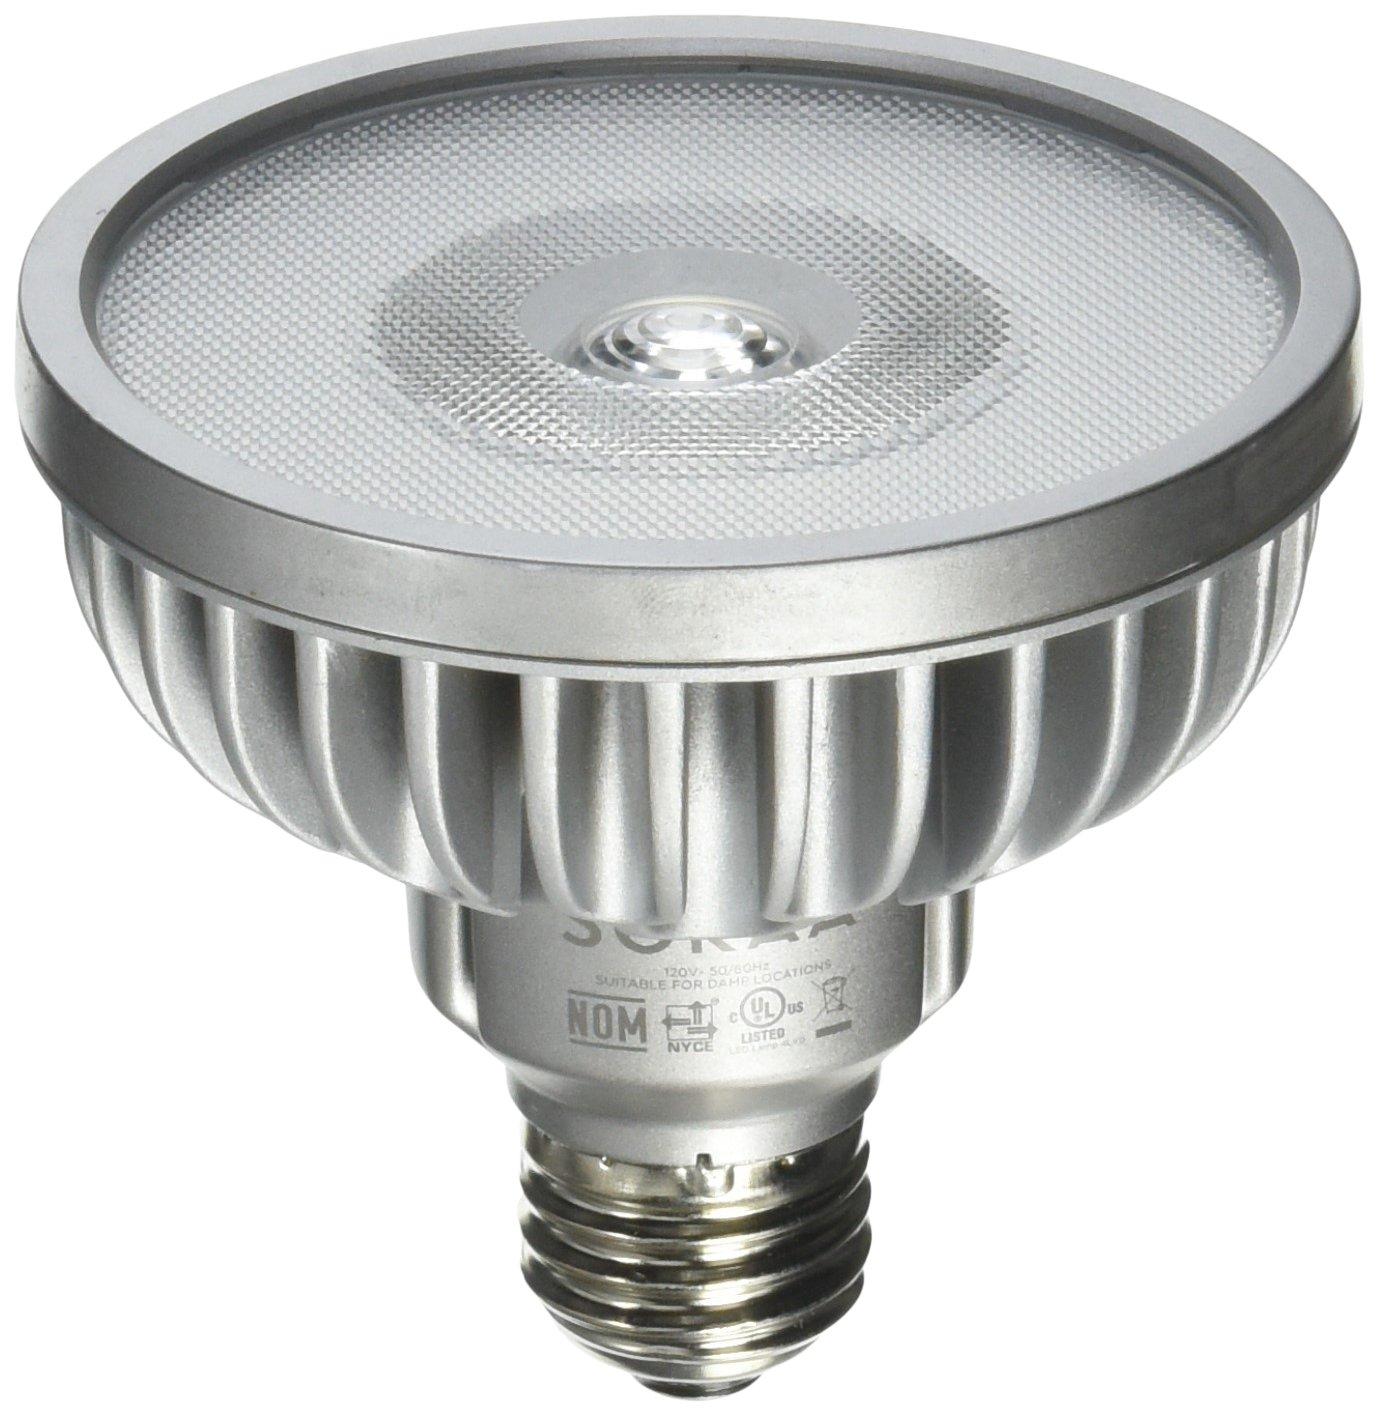 Bulbrite SP30S-18-36D-930-03 SORAA 18.5W LED PAR30S 3000K Vivid 36° DIM, Silver